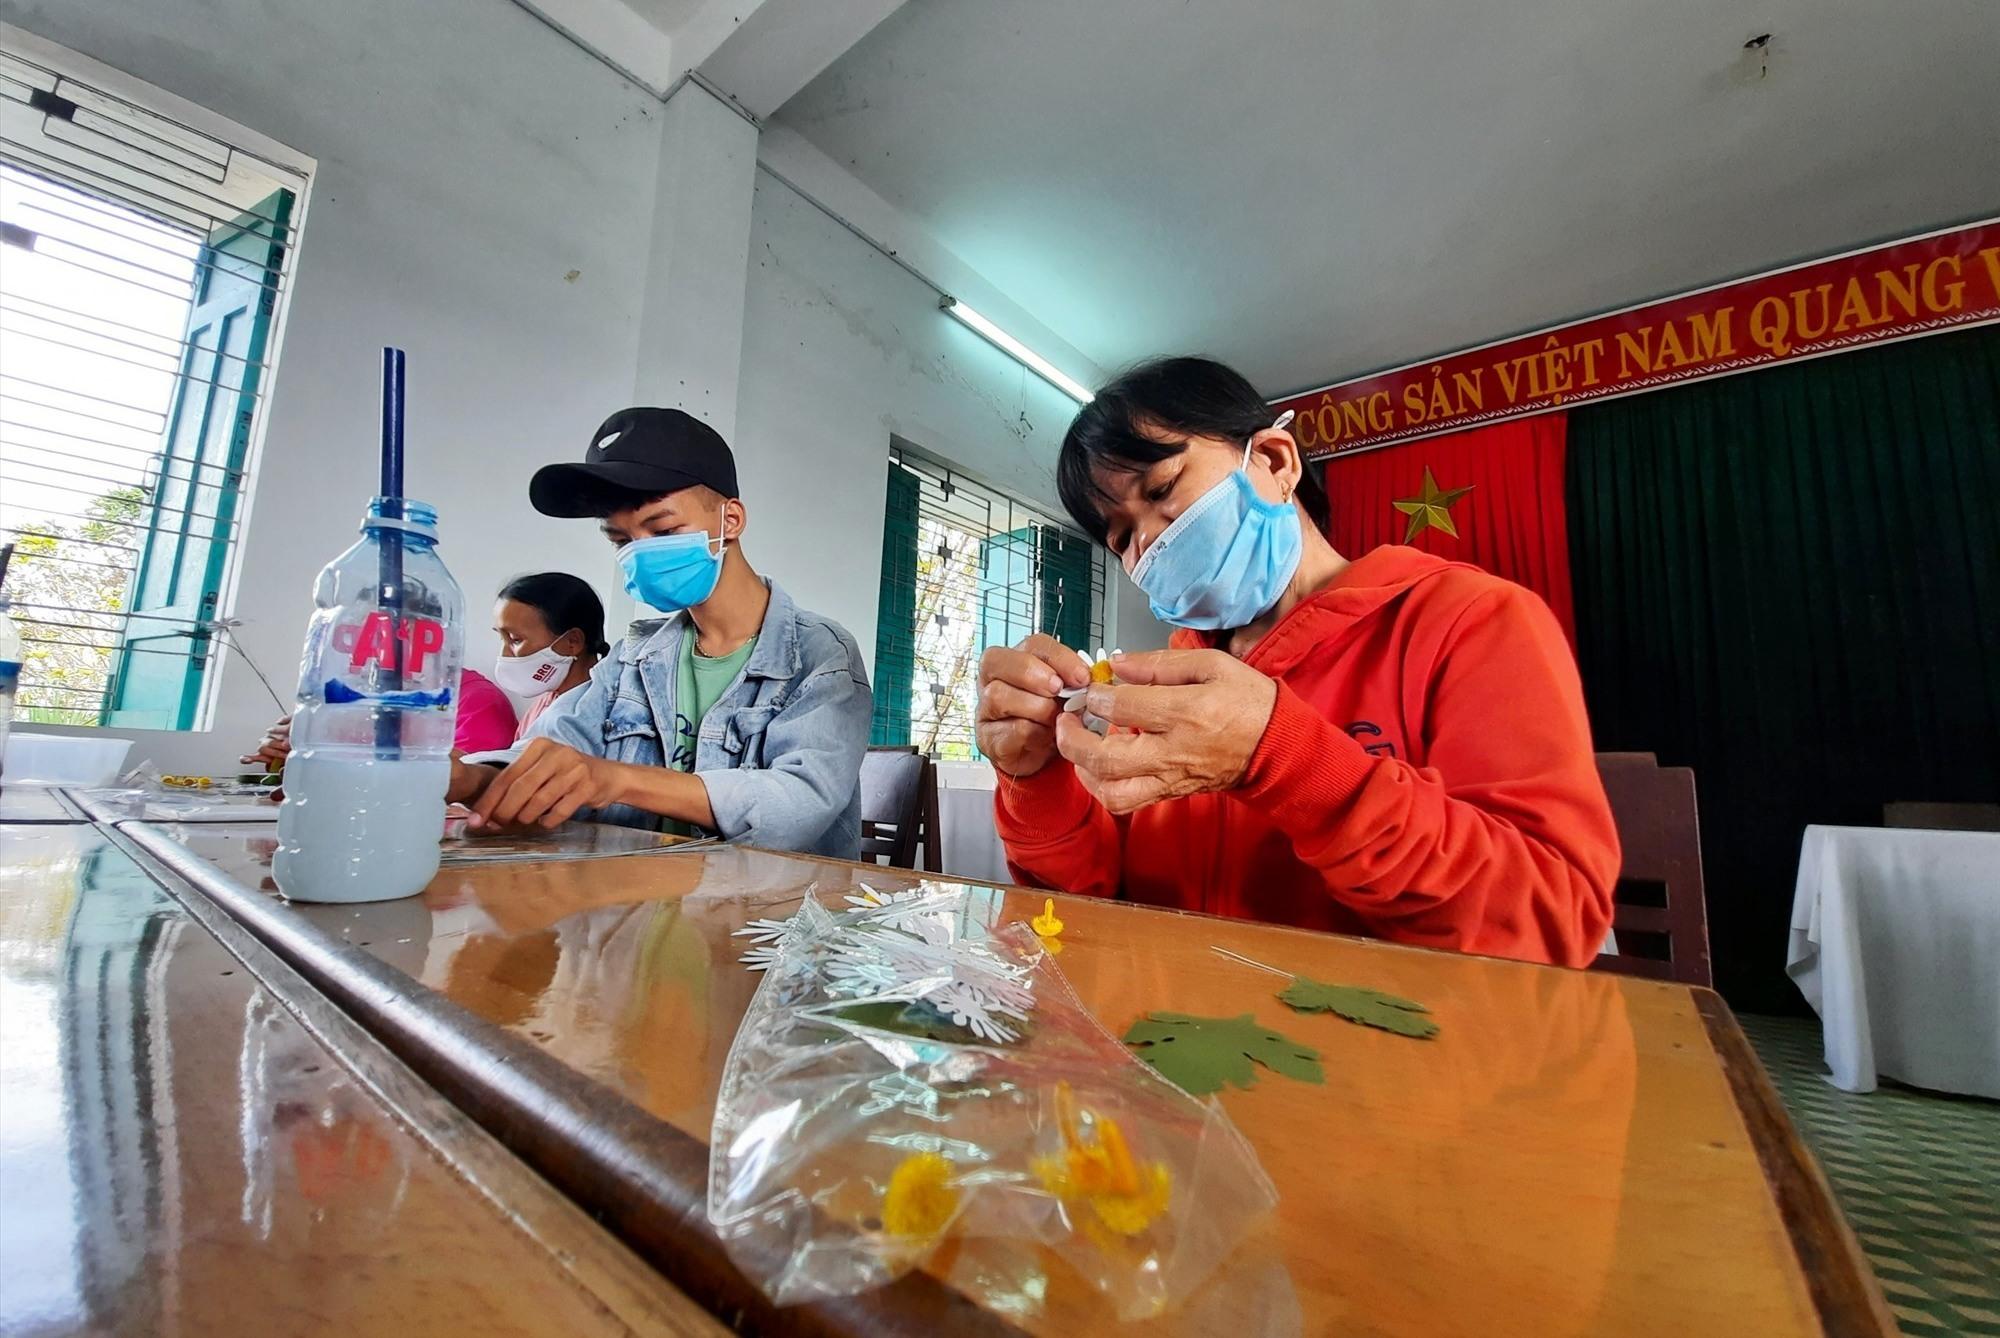 Lớp học là cơ hội để thanh thiếu niên khuyết tật trên địa bàn Thăng Bình có một công việc phù hợp. Ảnh: HỒ QUÂN